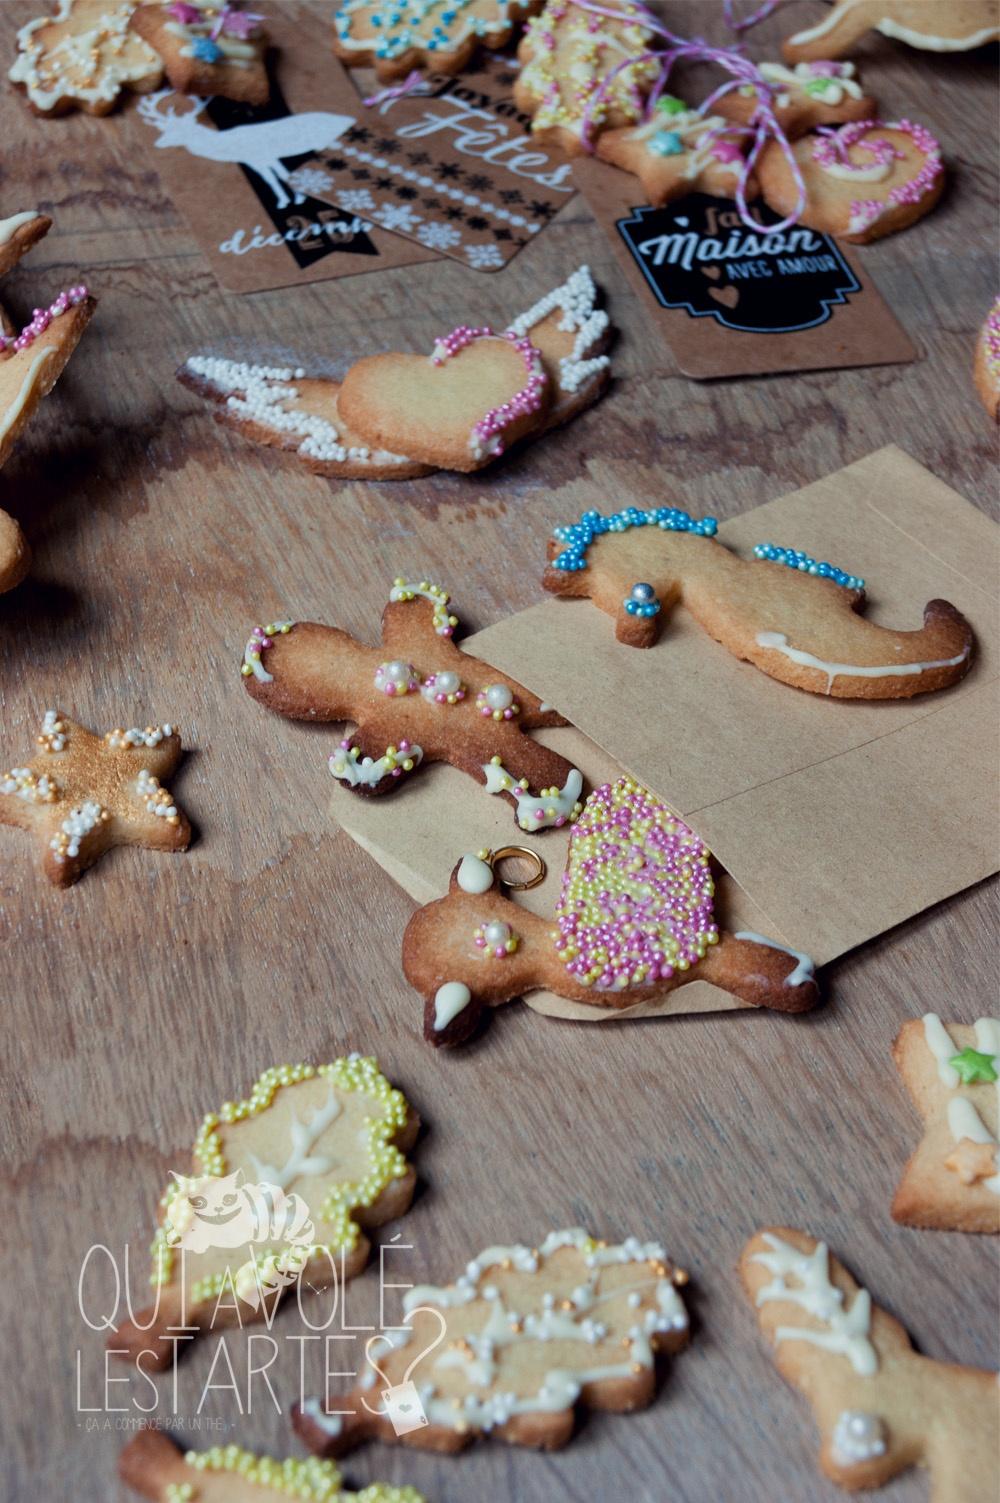 Cadeaux gourmands & couronne de Noel  3 - Studio 2 création - Qui a volé les tartes